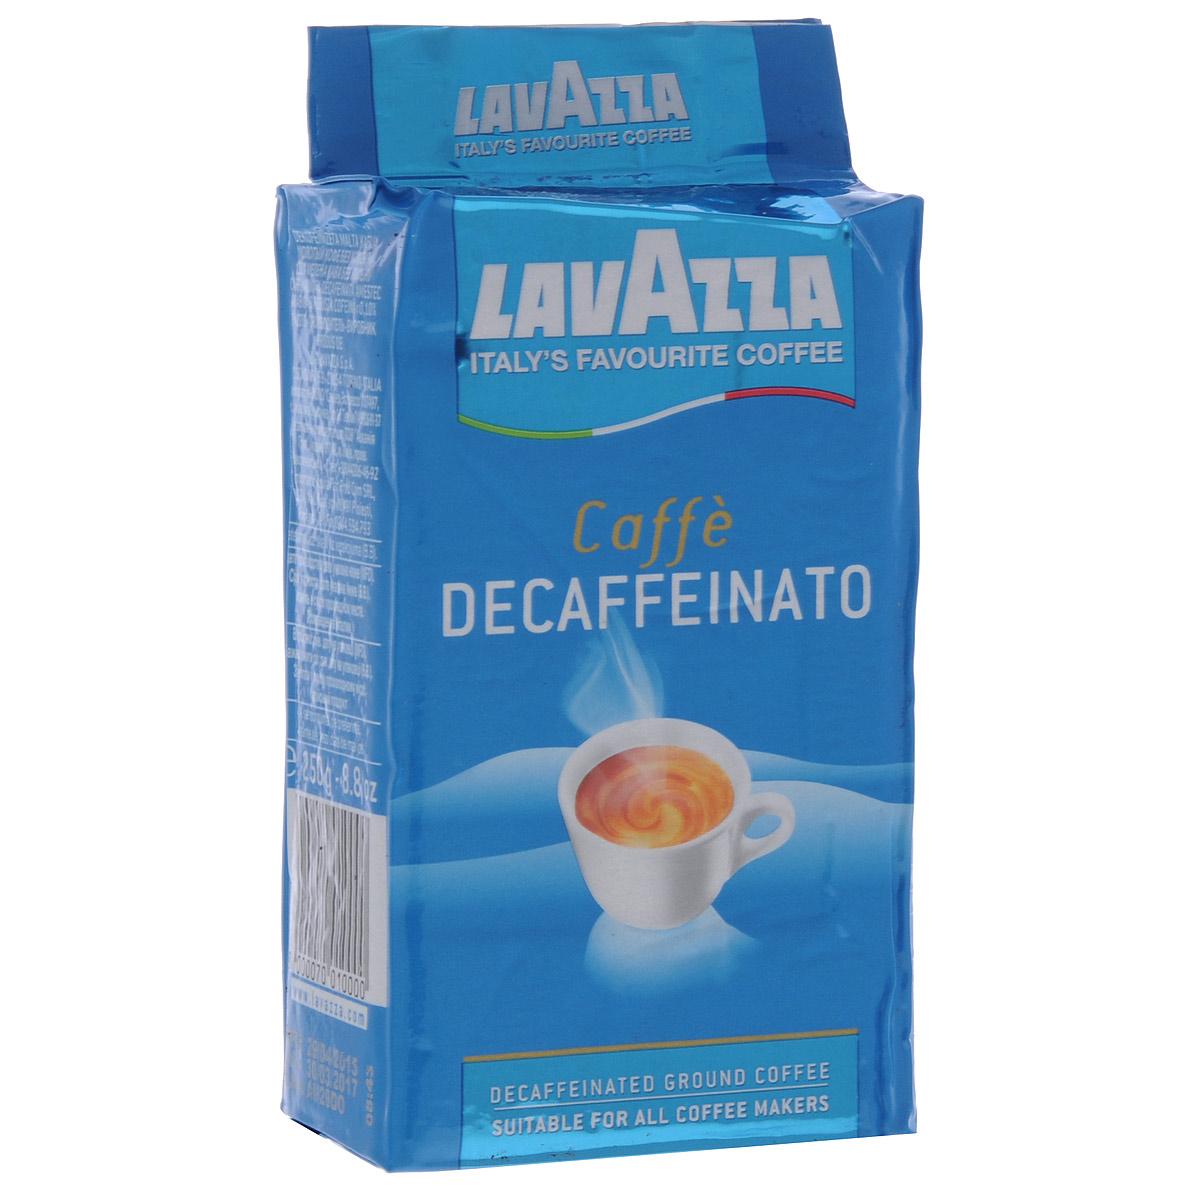 Lavazza Decaffeinato кофе молотый, 250 г (в/у)1000Lavazza Decaffeinato - бодрящий напиток без кофеина. Он изготовлен из лучших сортов азиатской робусты и бразильской арабики. Нежный вкус и яркий аромат молотого кофе Lavazza Decaffeinato придадут бодрости и сил. Настоящая находка для тех кто ищет кофе без кофеина,c безупречным качеством Lavazza!